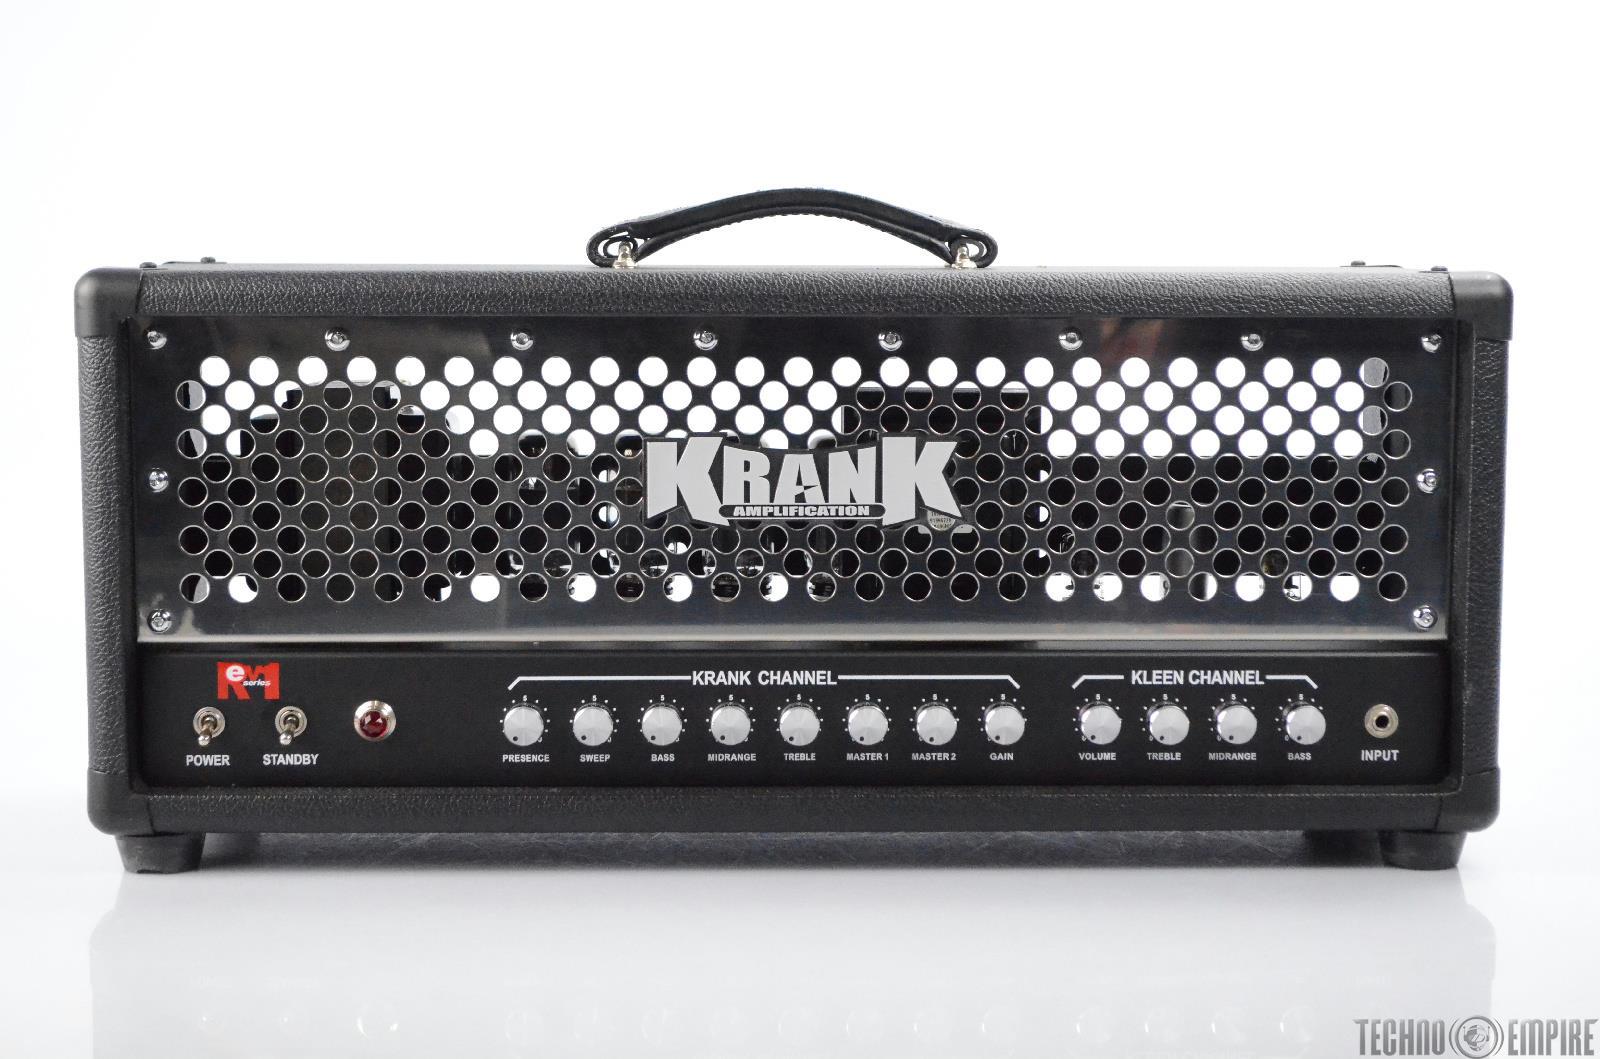 Krank Amplification Rev1 100 Watt 2-channel Guitar Amp Head Amplifier #31055